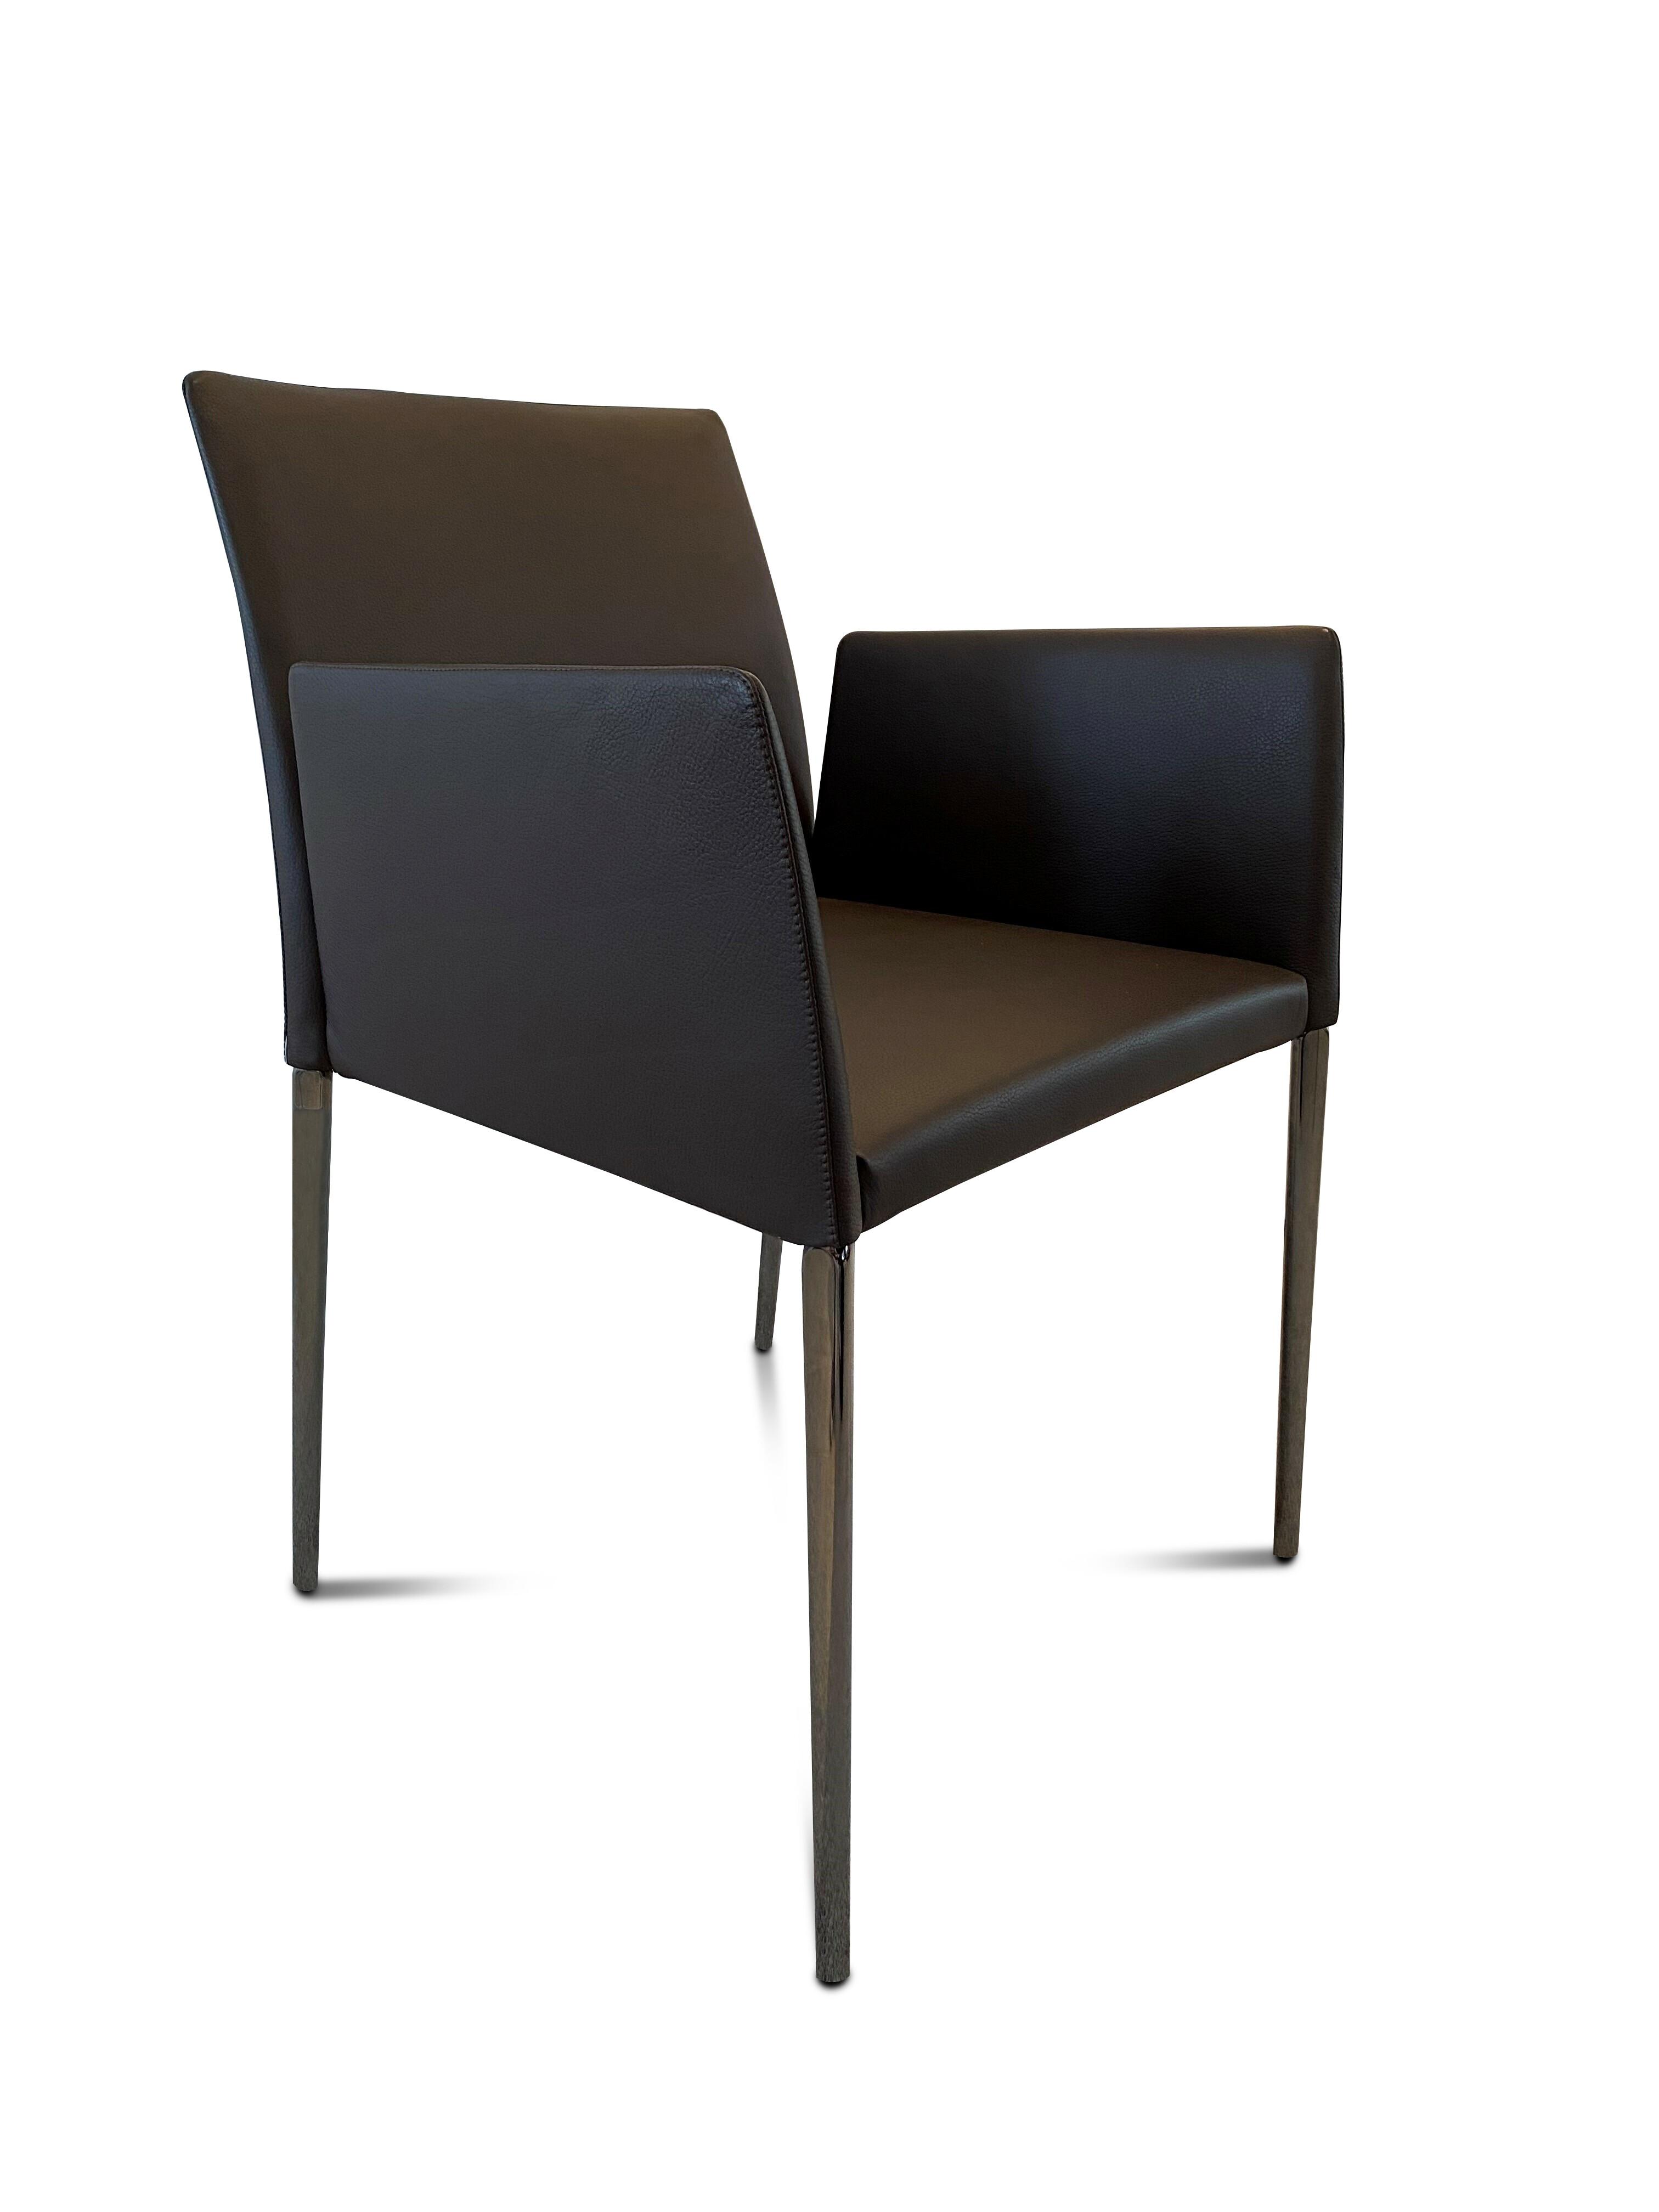 Walter Knoll Stühle Modell DEEN 4 Stück 05